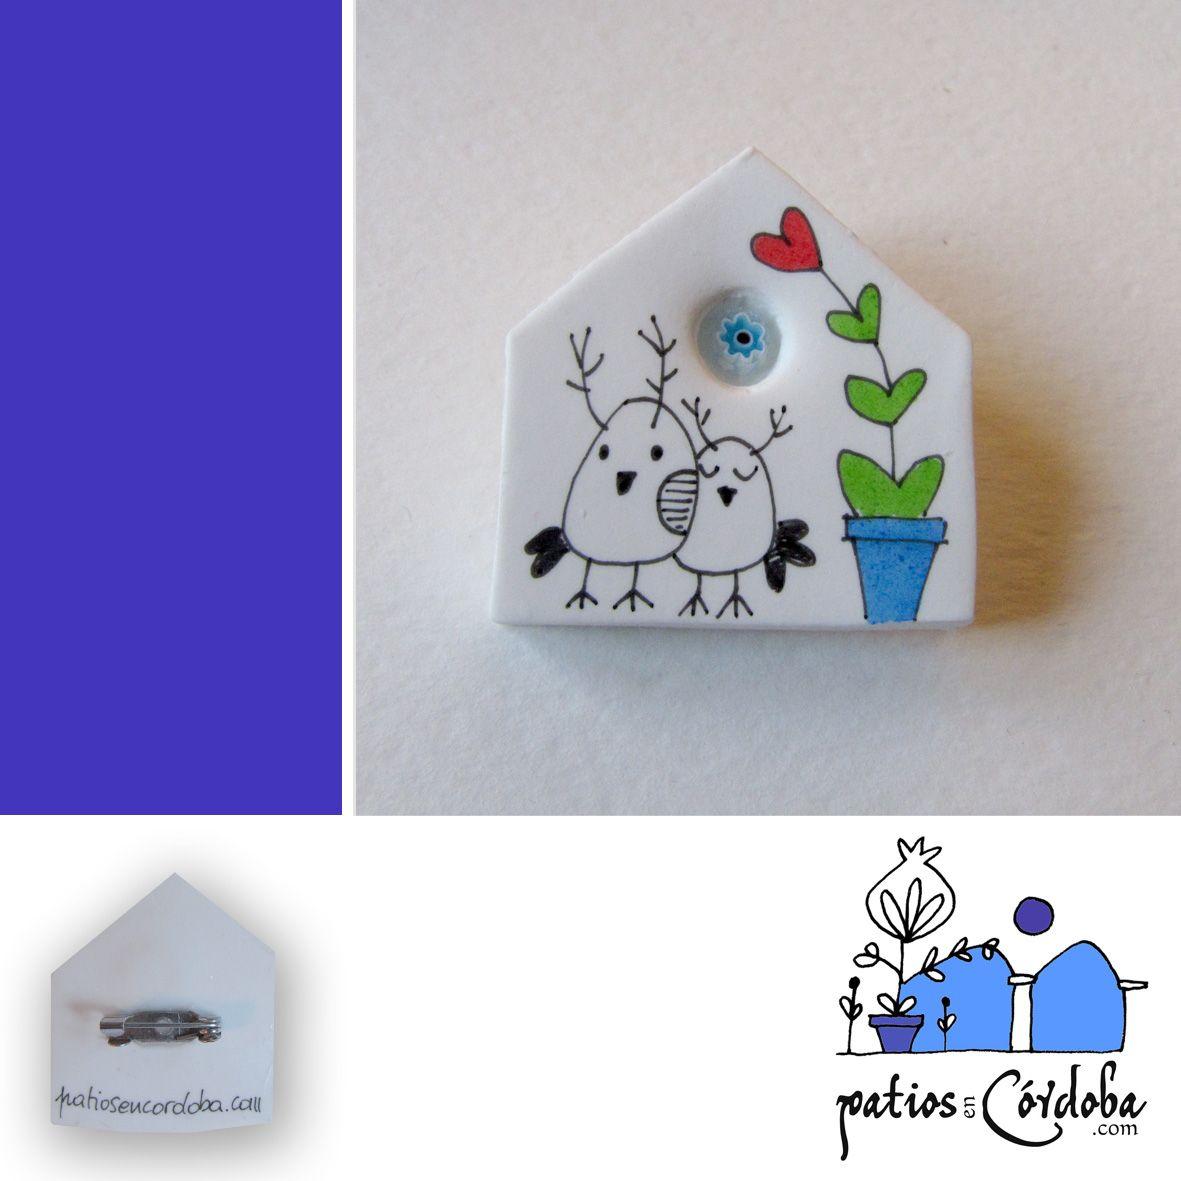 Broche en porcelana pintado a mano y barnizado con incrustación de murrina. Dimensión aproximada 4 x 4 cm. Disponible en la tienda online.